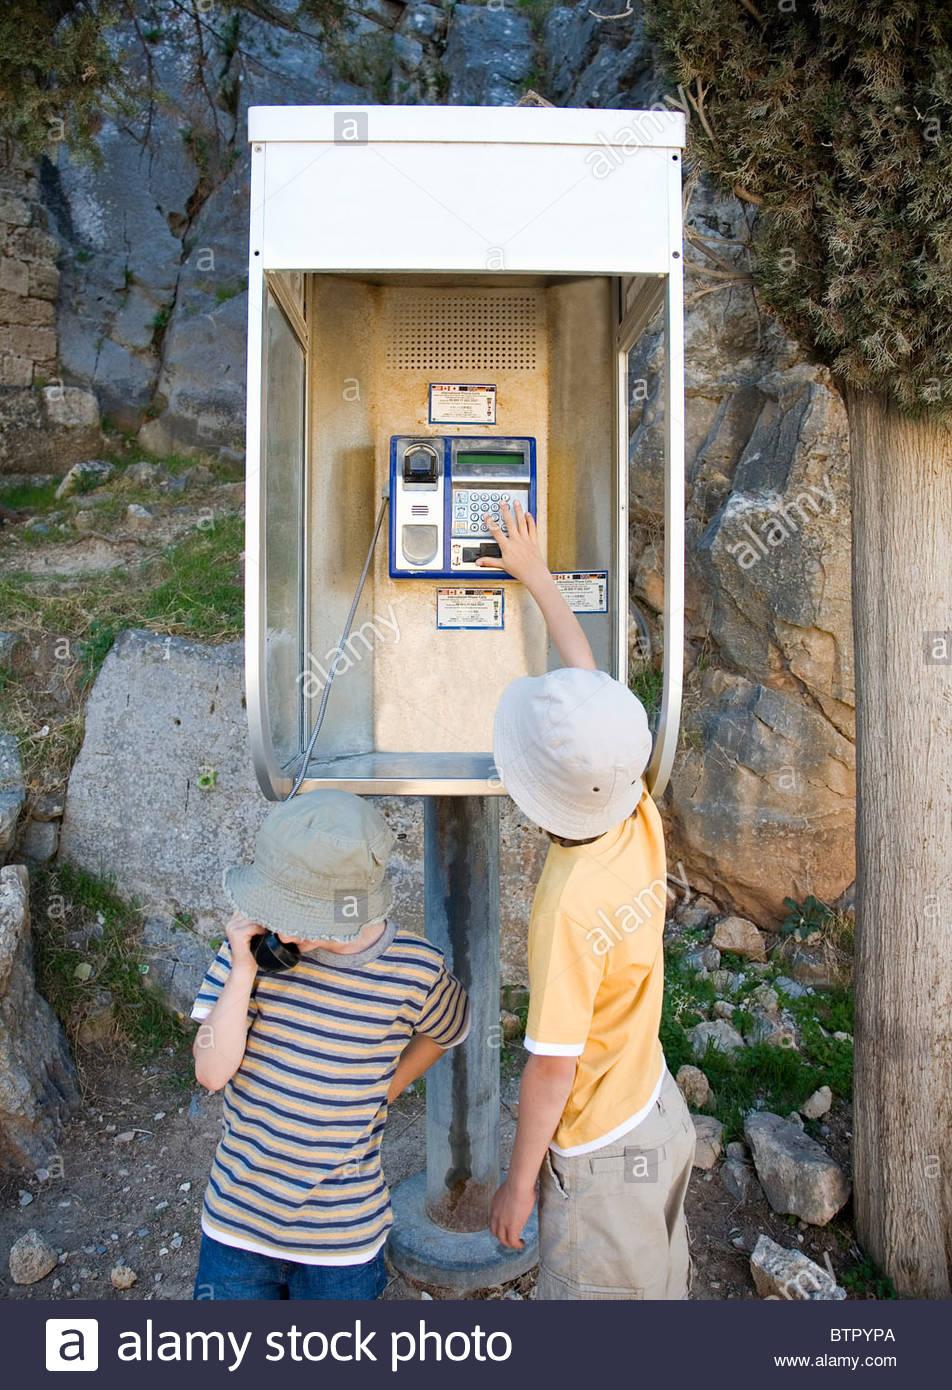 Zwei jungen auf Handy in öffentlichen Telefonzelle Stockbild